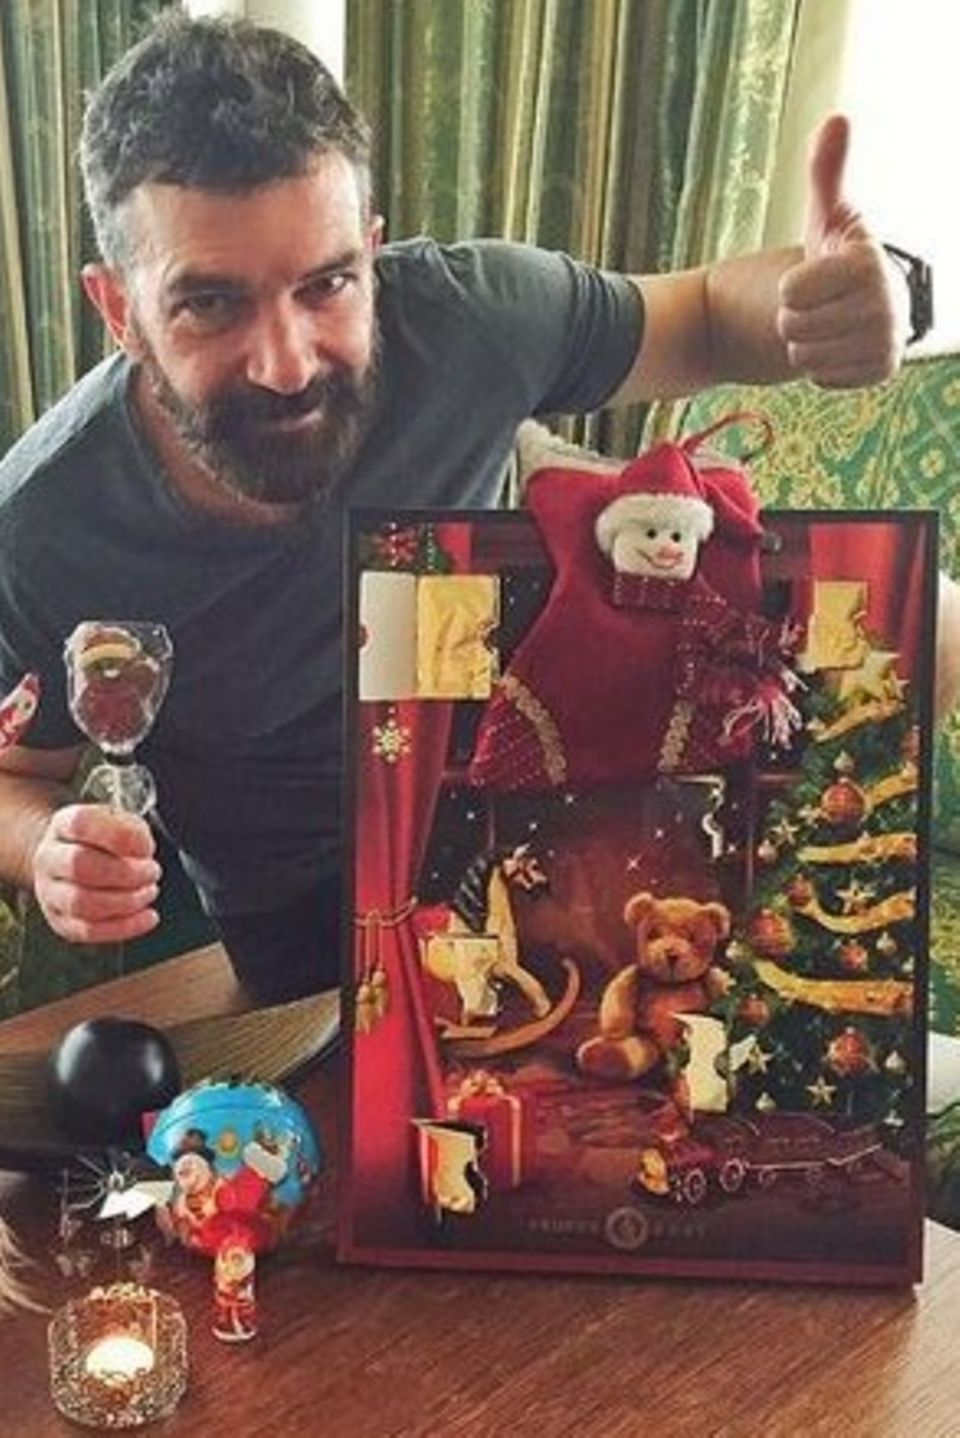 Mit einer neuen Frau halten auch neue Traditionen Einzug in Antonio Banderas Leben: Seit diesem Jahr feiert er auch den Nikolaustag, wie es in Nicole Kimpels Heimat, den Niederlanden, üblich ist.